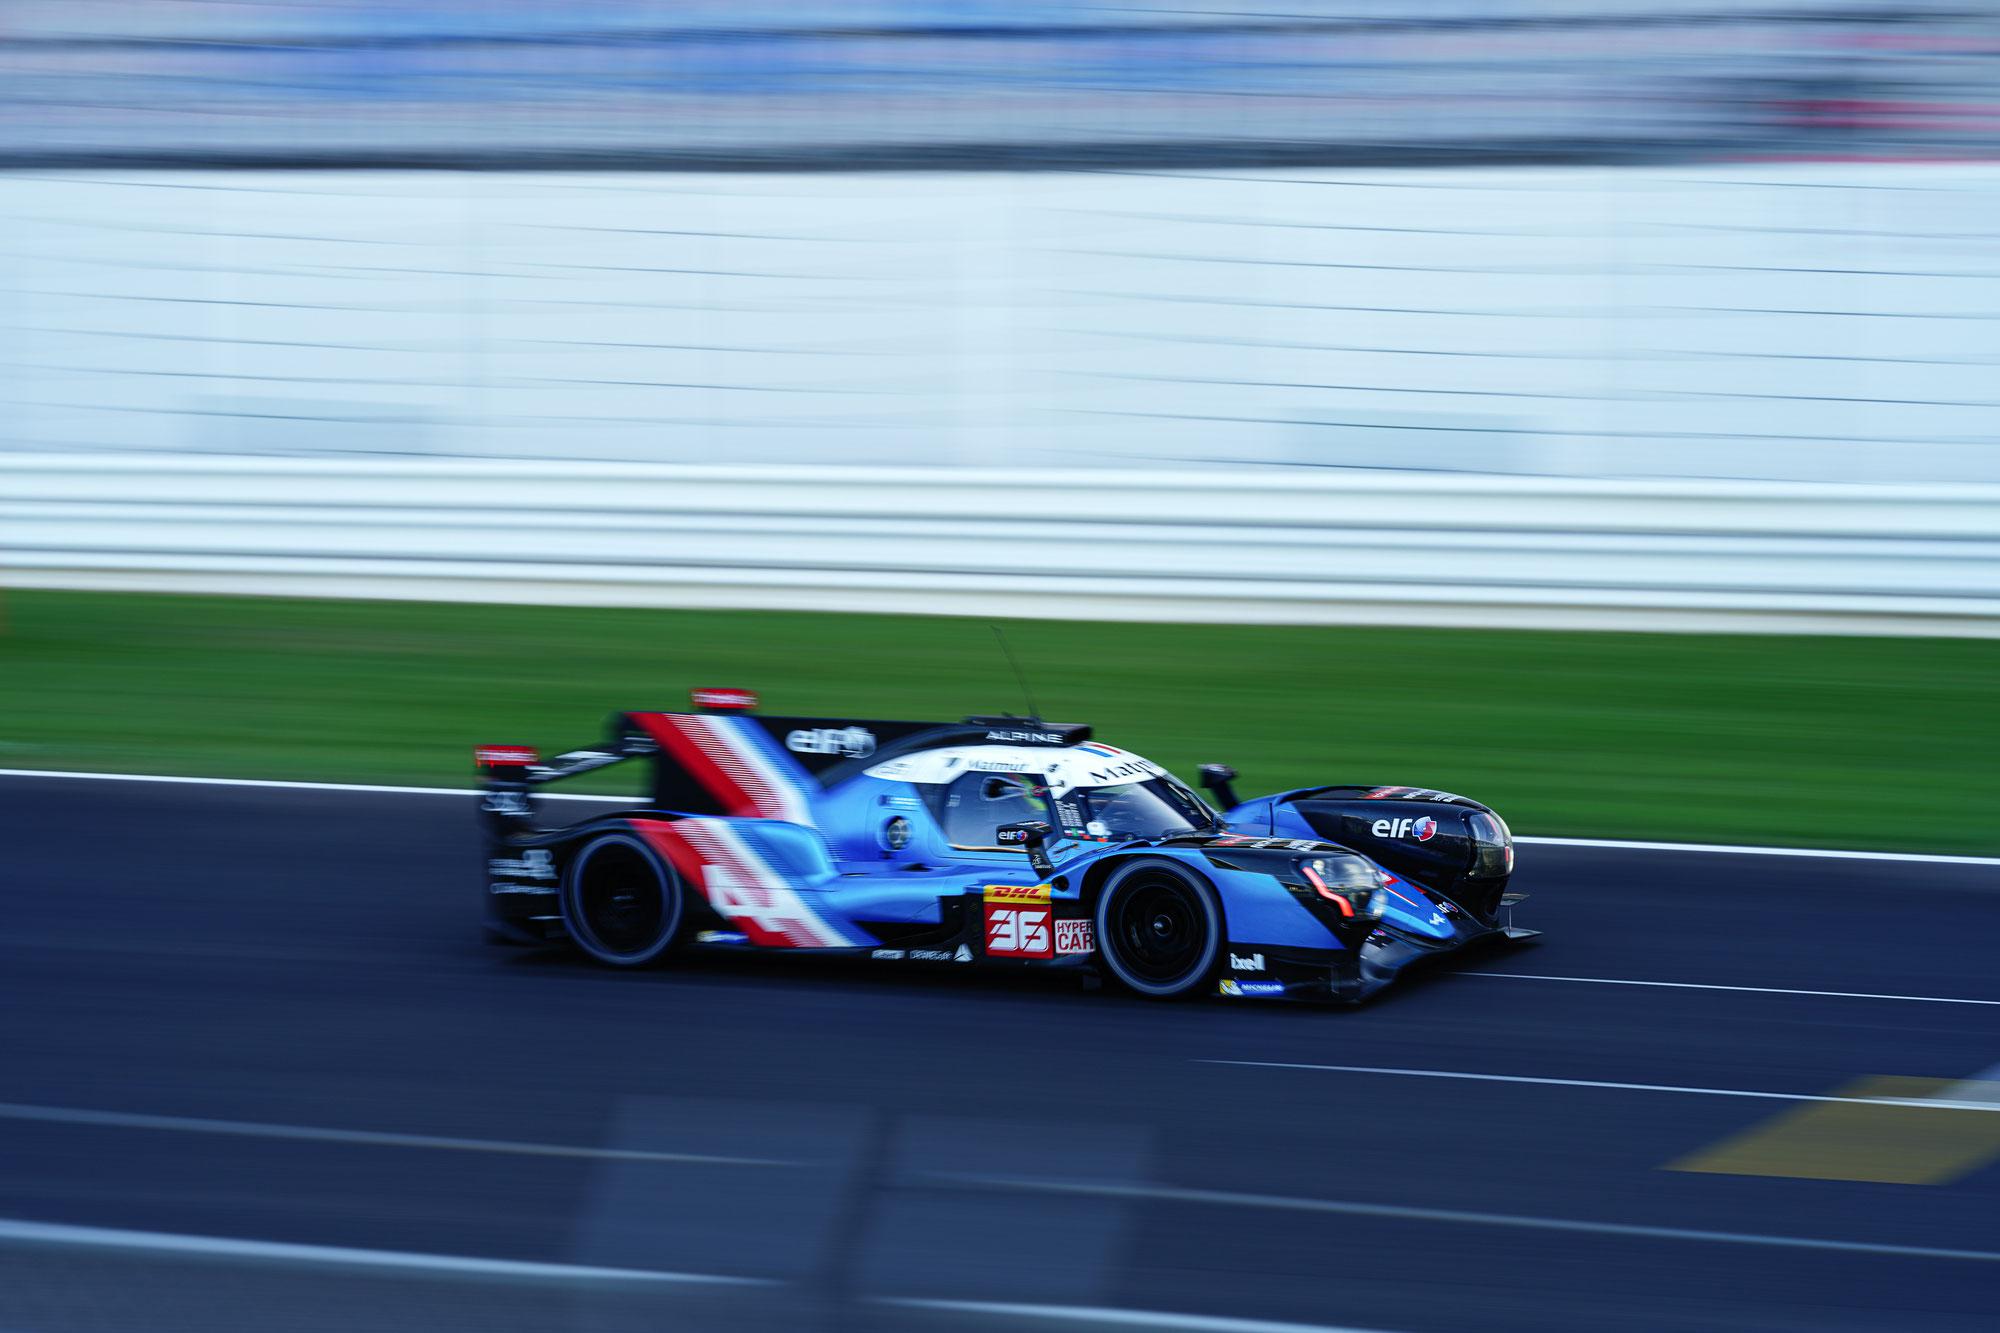 Alpine holt erste Gesamt-Pole-Position in Portimão; Estre Schnellster in der LMGTE Pro für Porsche